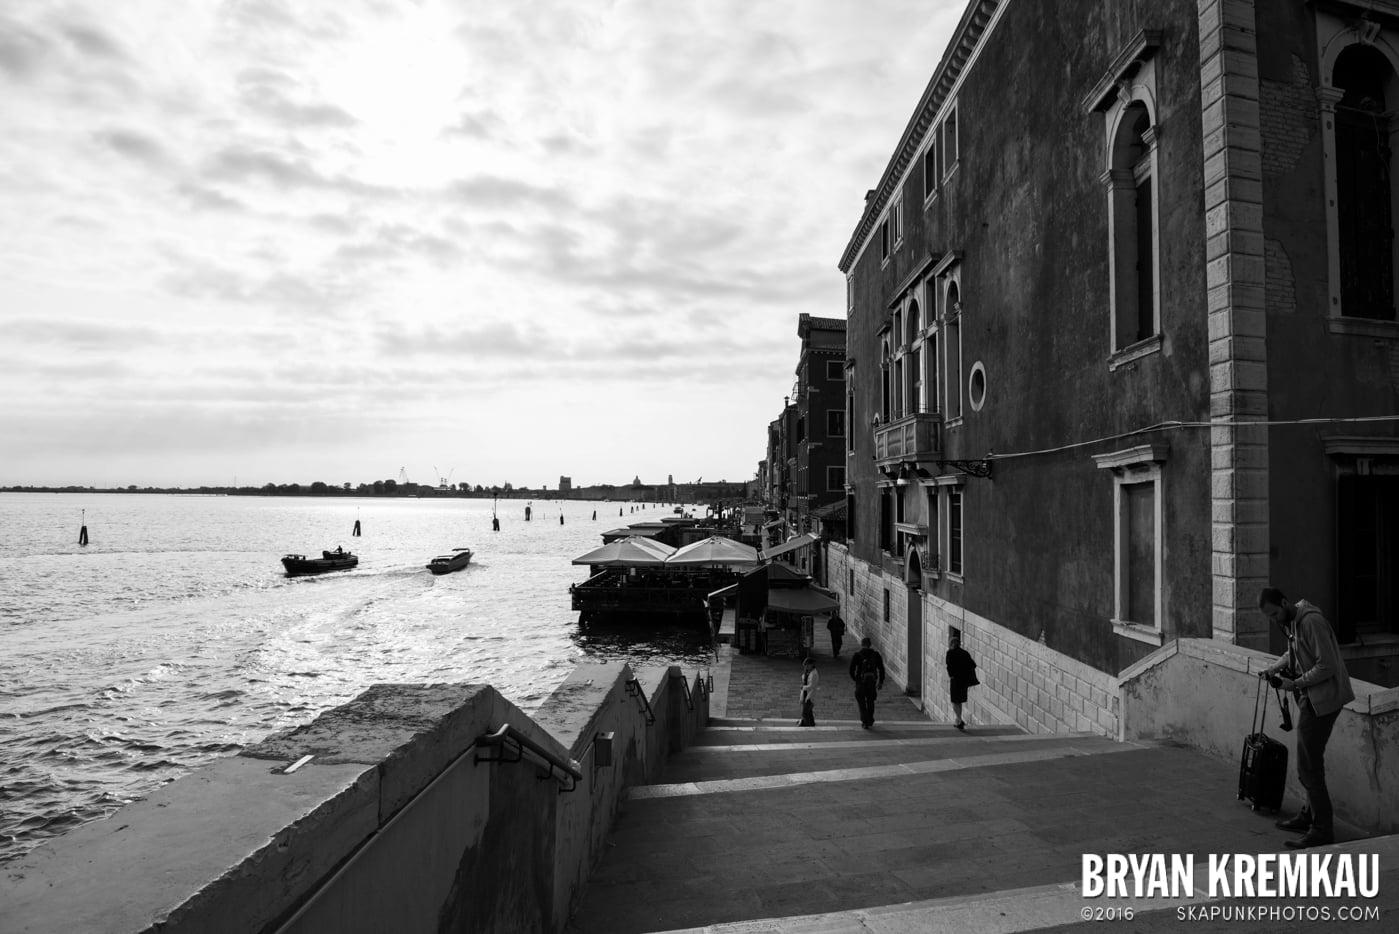 Italy Vacation - Day 6: Murano, Burano, Venice - 9.14.13 (100)